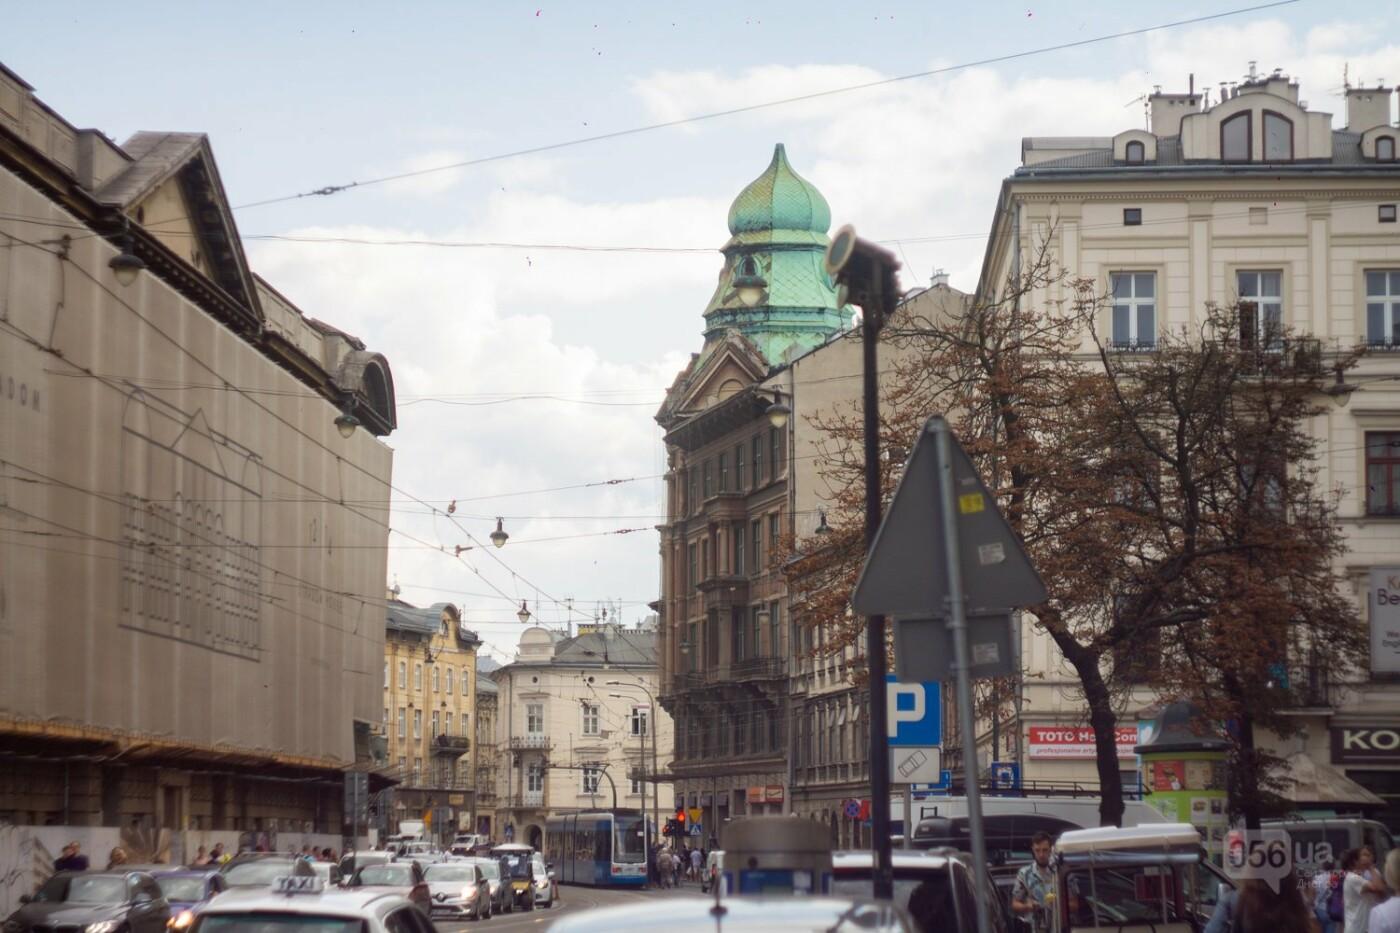 Приехать в Польшу и влюбиться, часть 1: мини-гайд по Кракову о жилье, транспорте и развлечениях, и экскурсия в Аушвиц-Биркенау , - ФОТО, фото-1